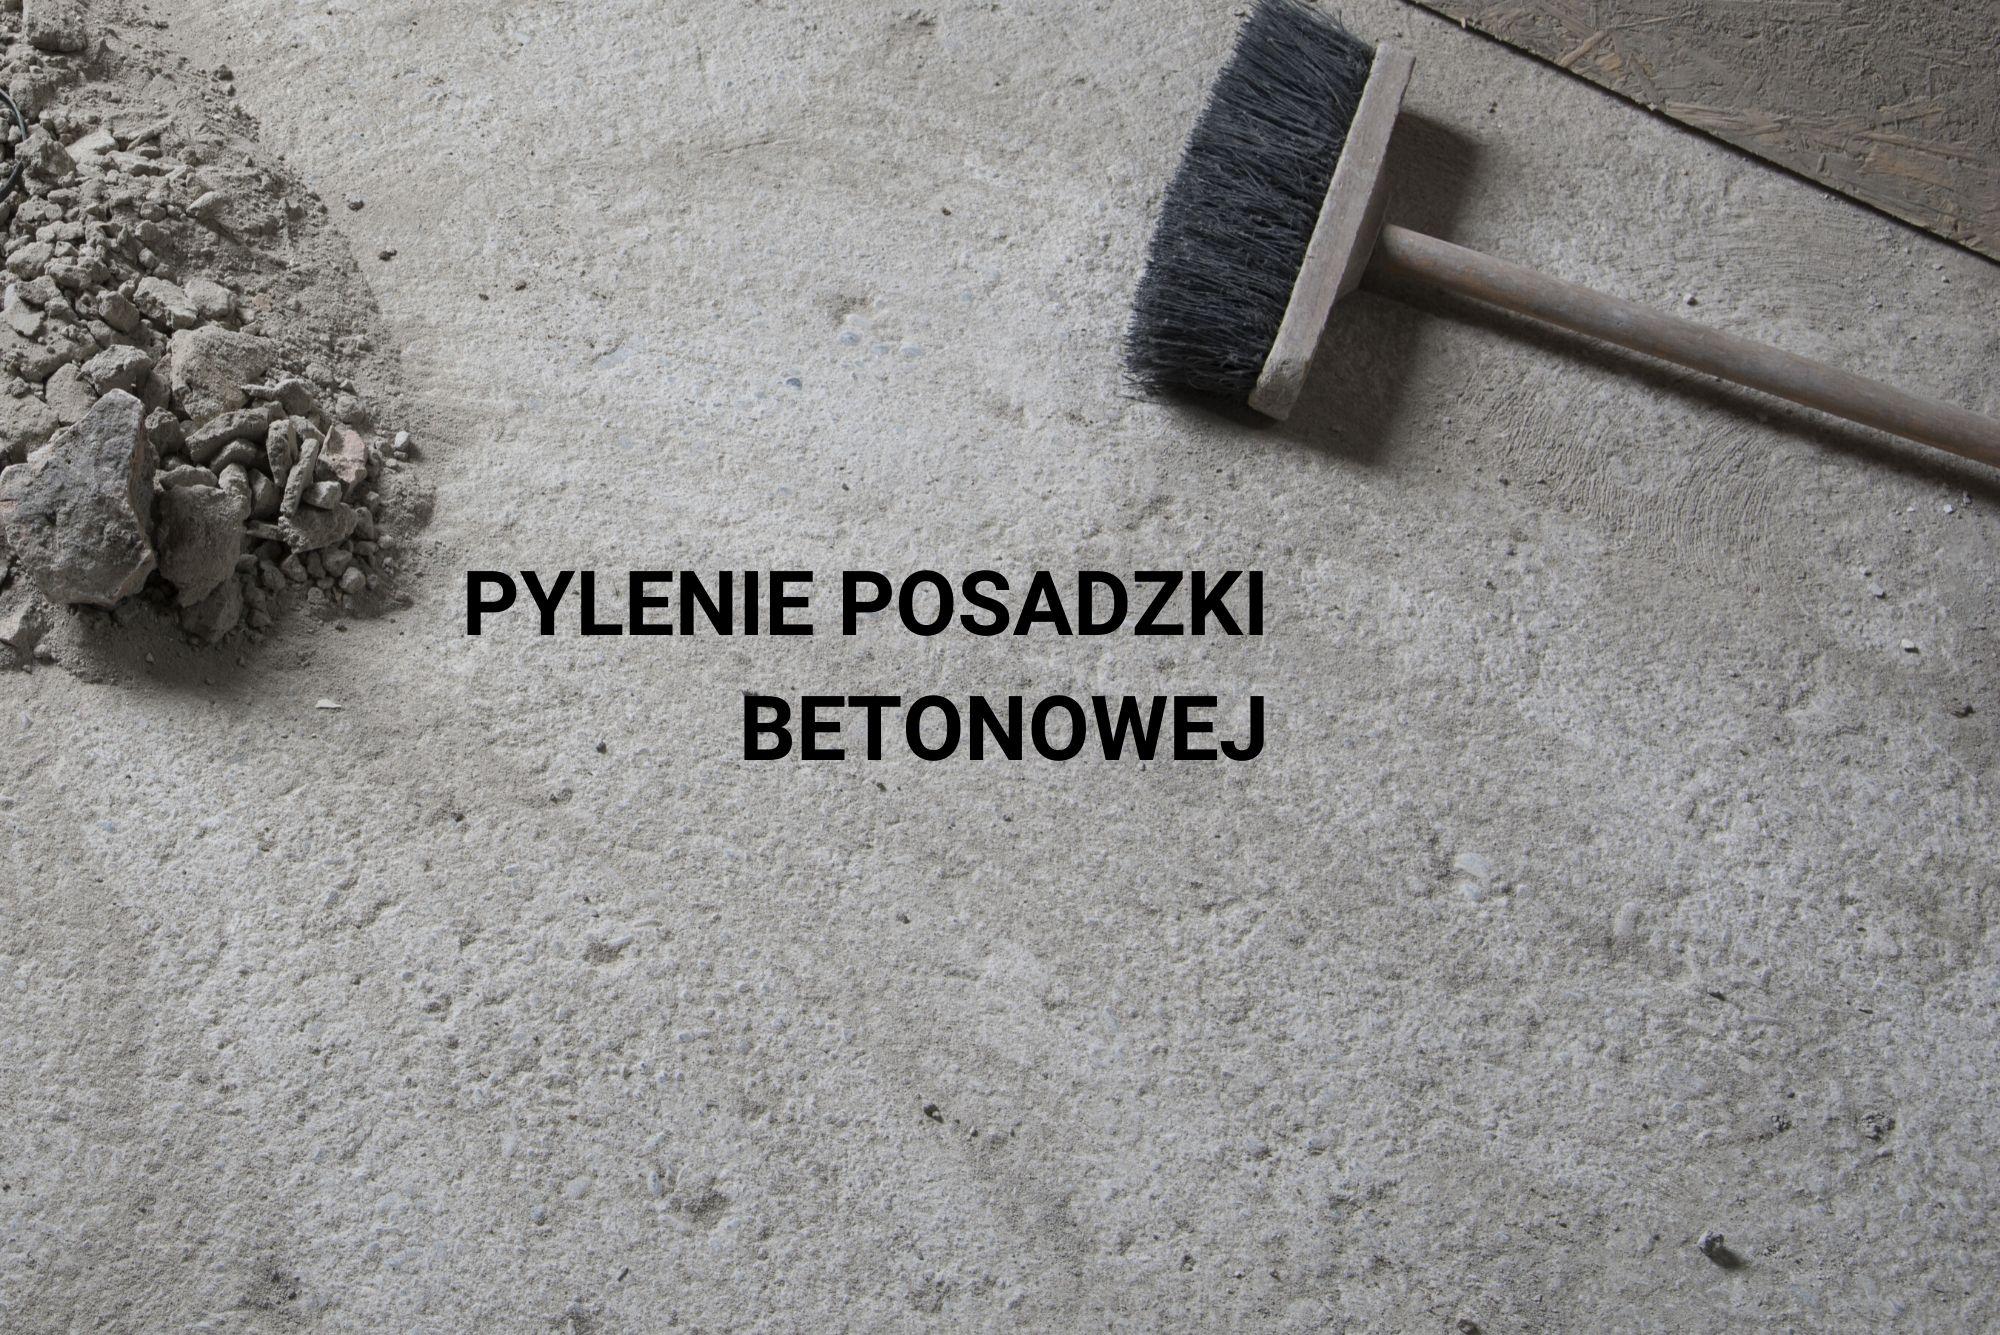 Posadzka betonowa zabezpieczenie przed pyleniem